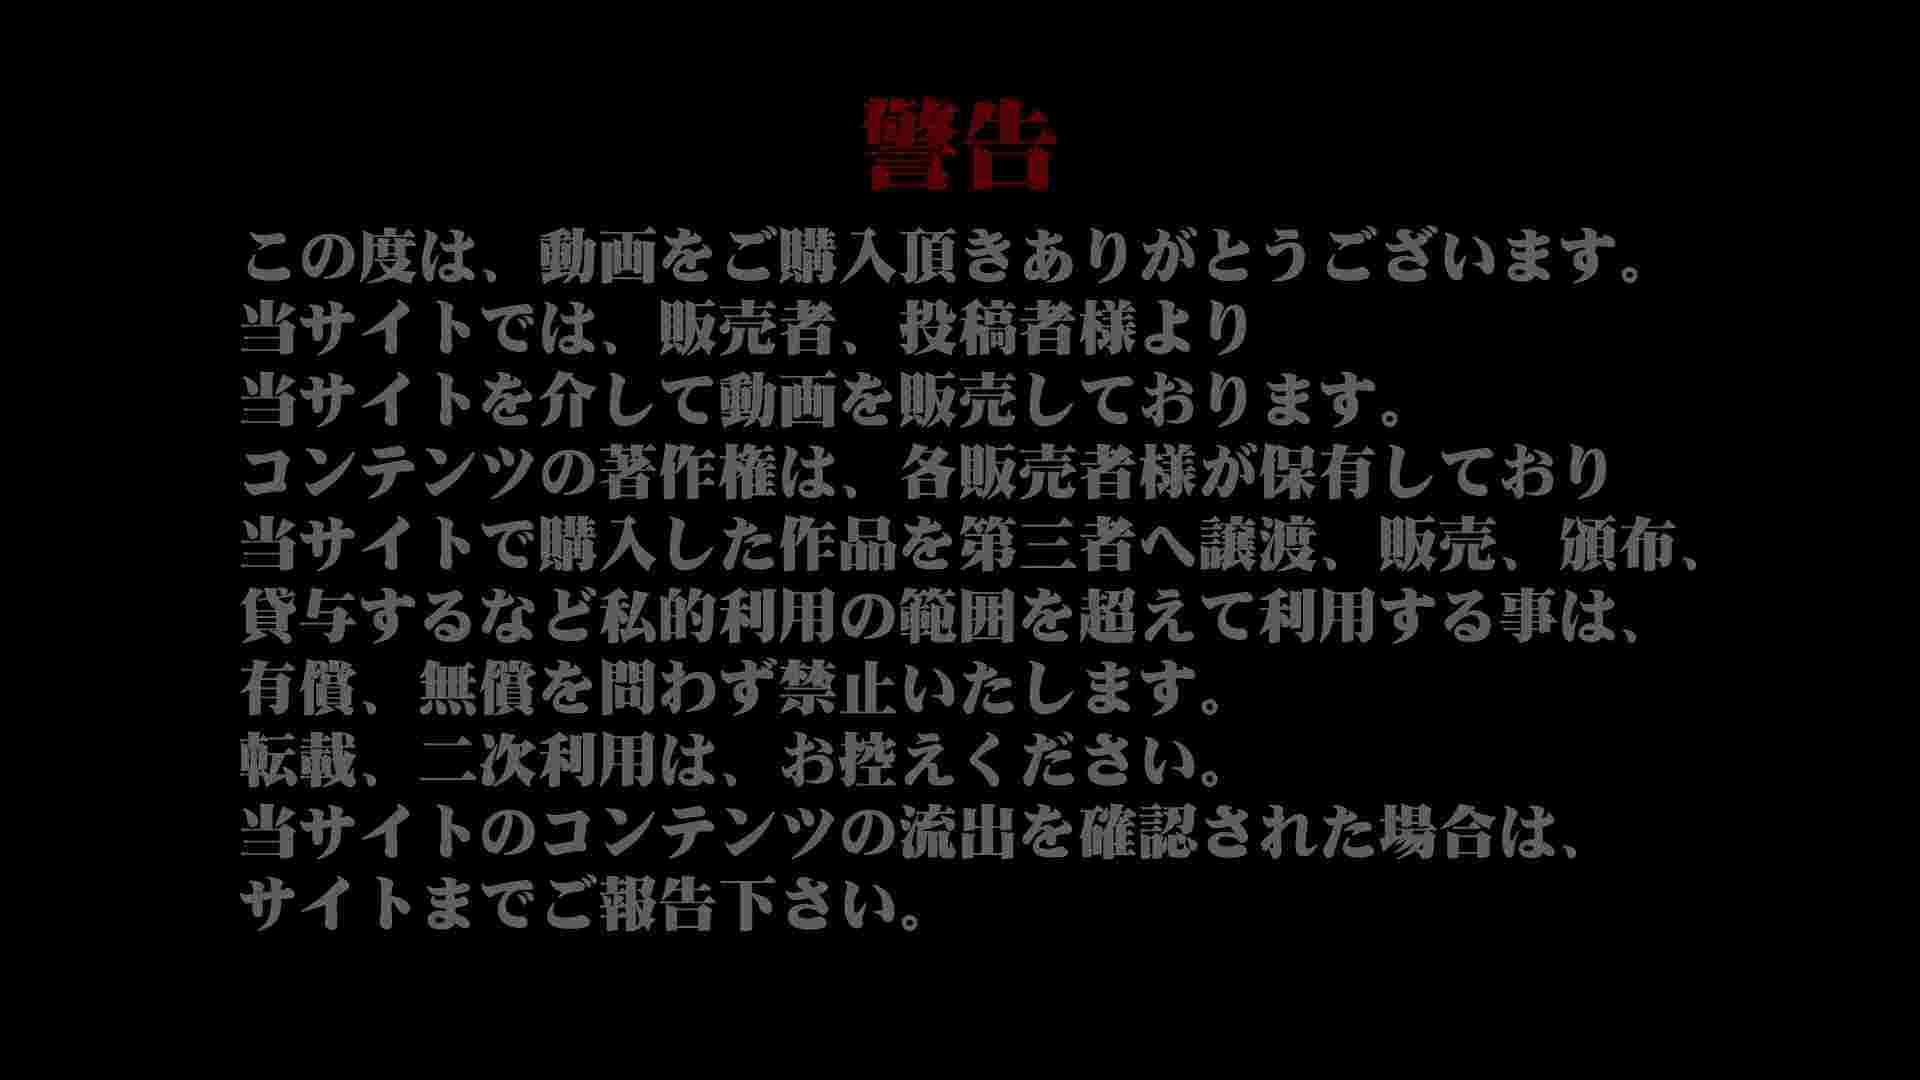 無料アダルト動画:魂のかわや盗撮62連発! 超脱肛ギャル! 3発目!:のぞき本舗 中村屋